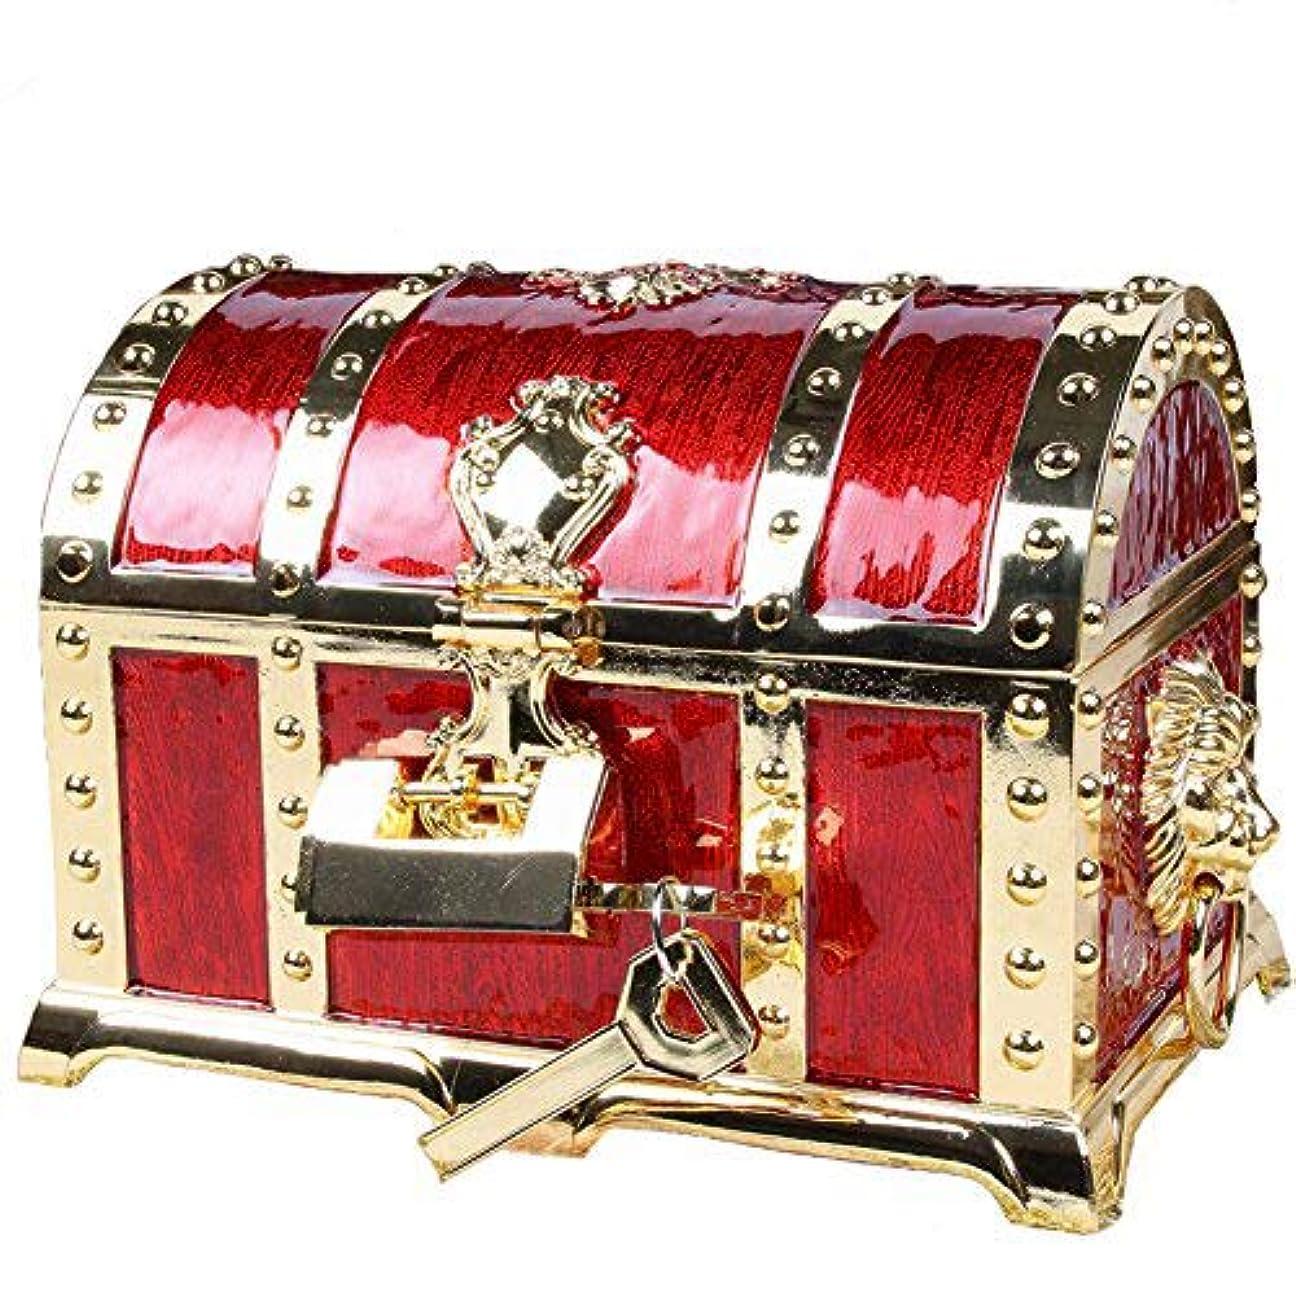 奨励退屈させるファンブルアンティーク RPG 宝箱 海賊 財宝 鍵2本付き ジュエリーボックス 小物入れ アクセサリーケース (紅色)